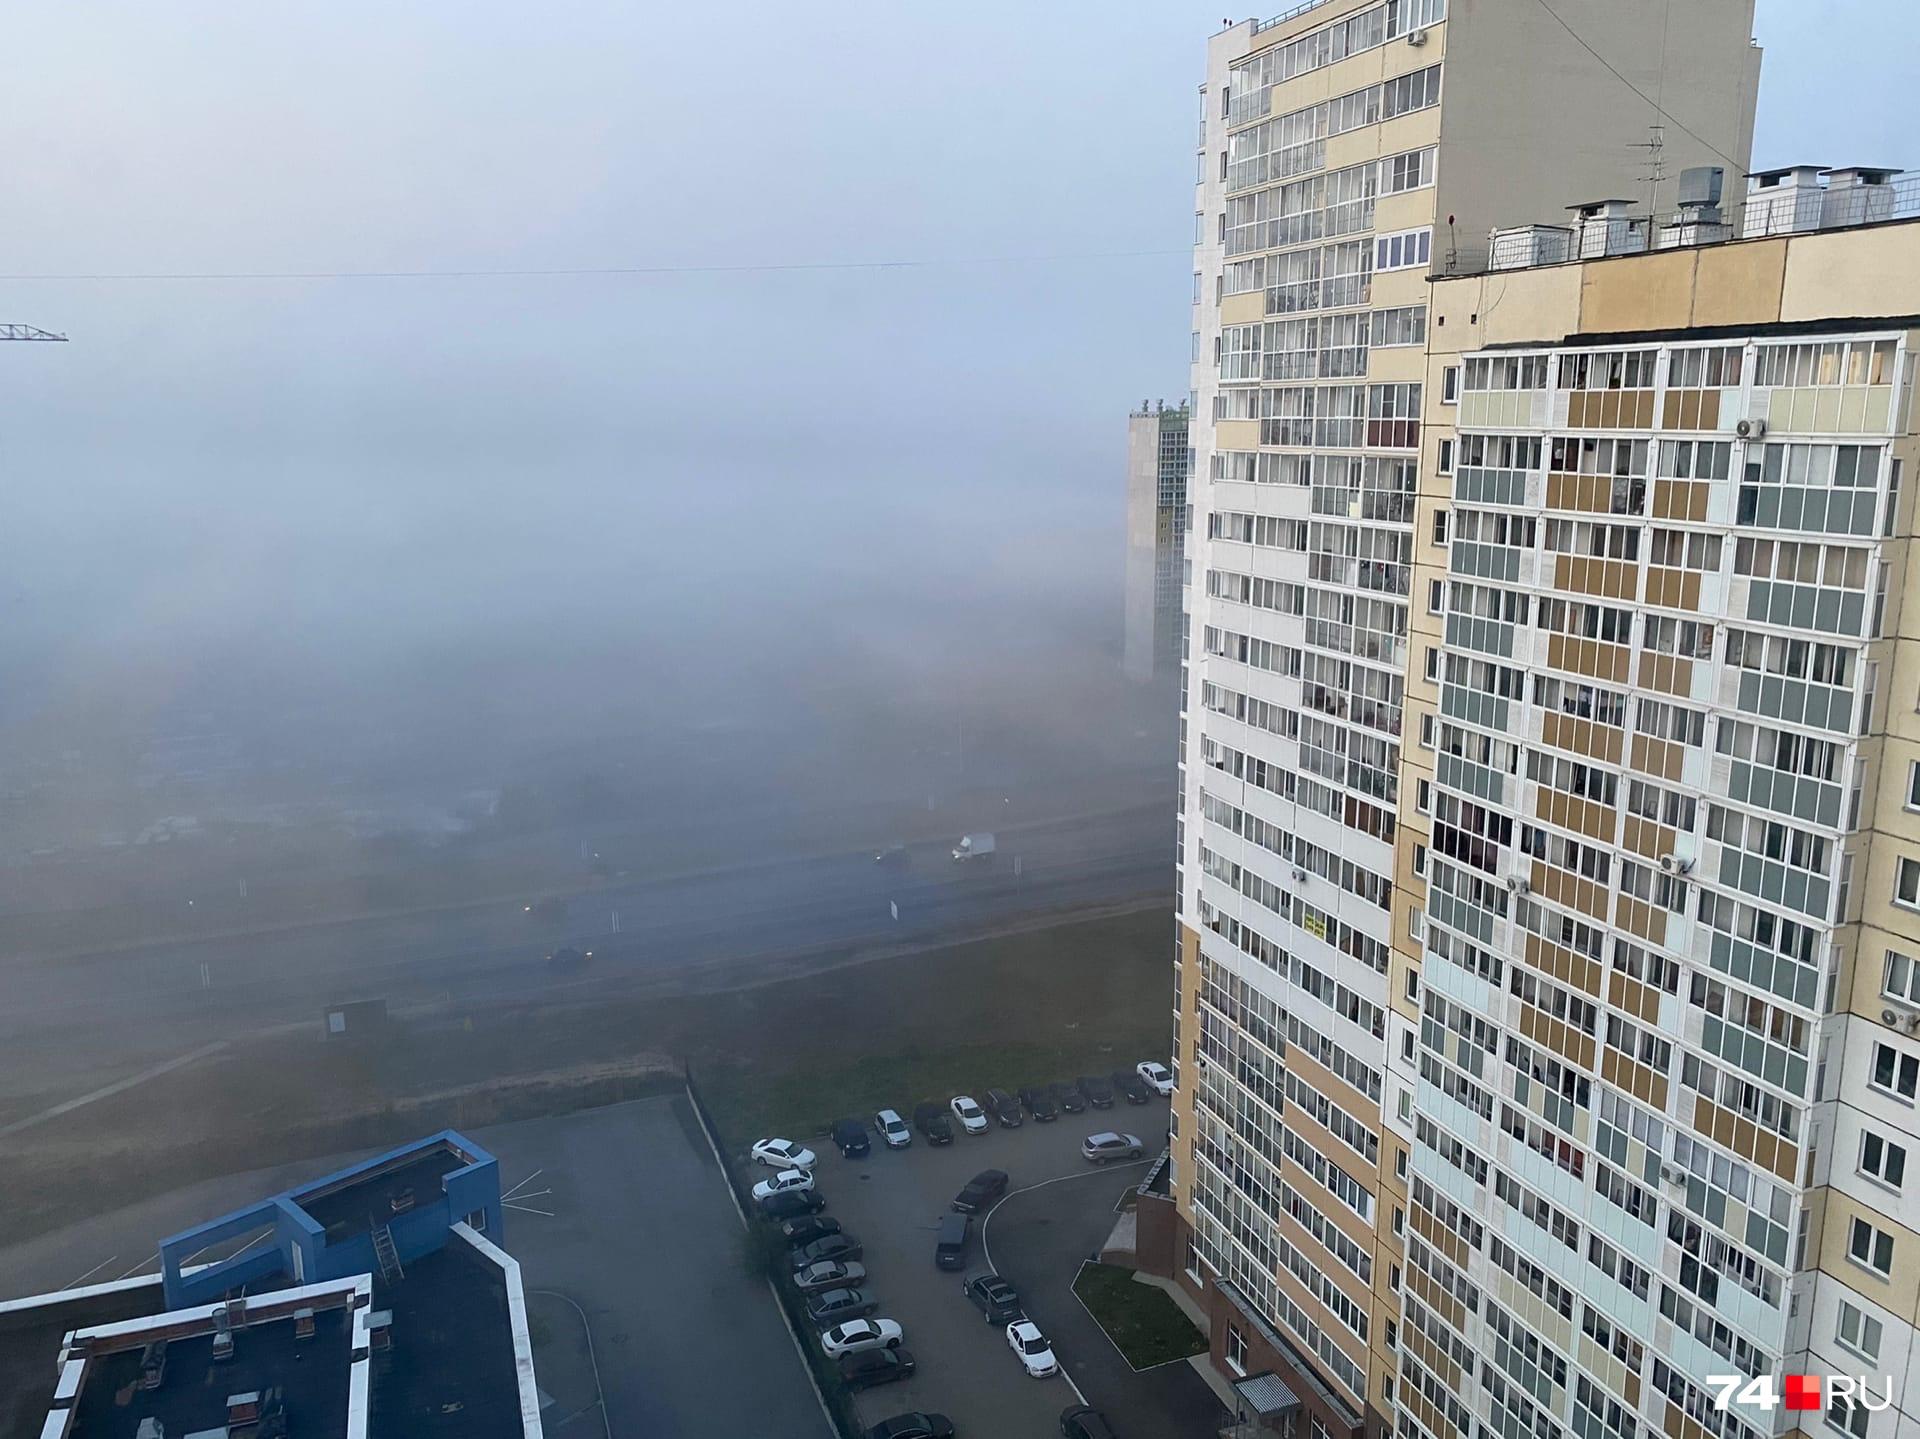 В городе тоже с утра сегодня было ничего не видно. Это Университетская Набережная, рядом река Миасс<br><br>